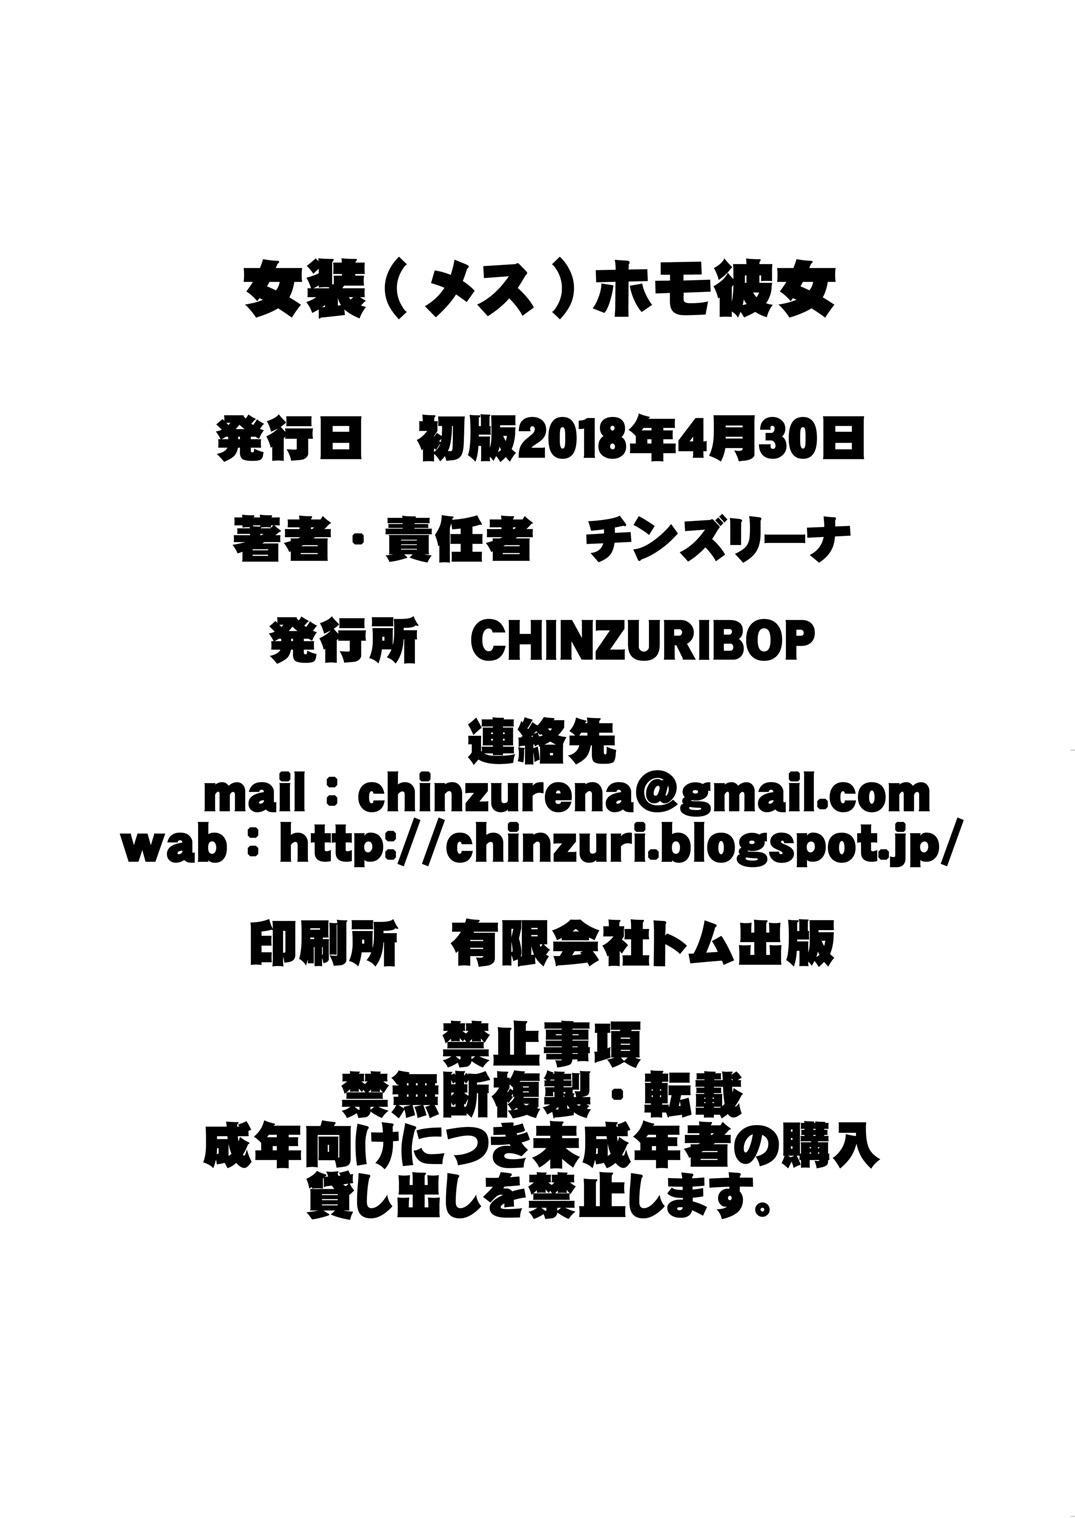 [CHINZURI BOP (Chinzurena)] Josou (Mesu) Homo Kanojo [English] [mysterymeat3] [Digital] 24